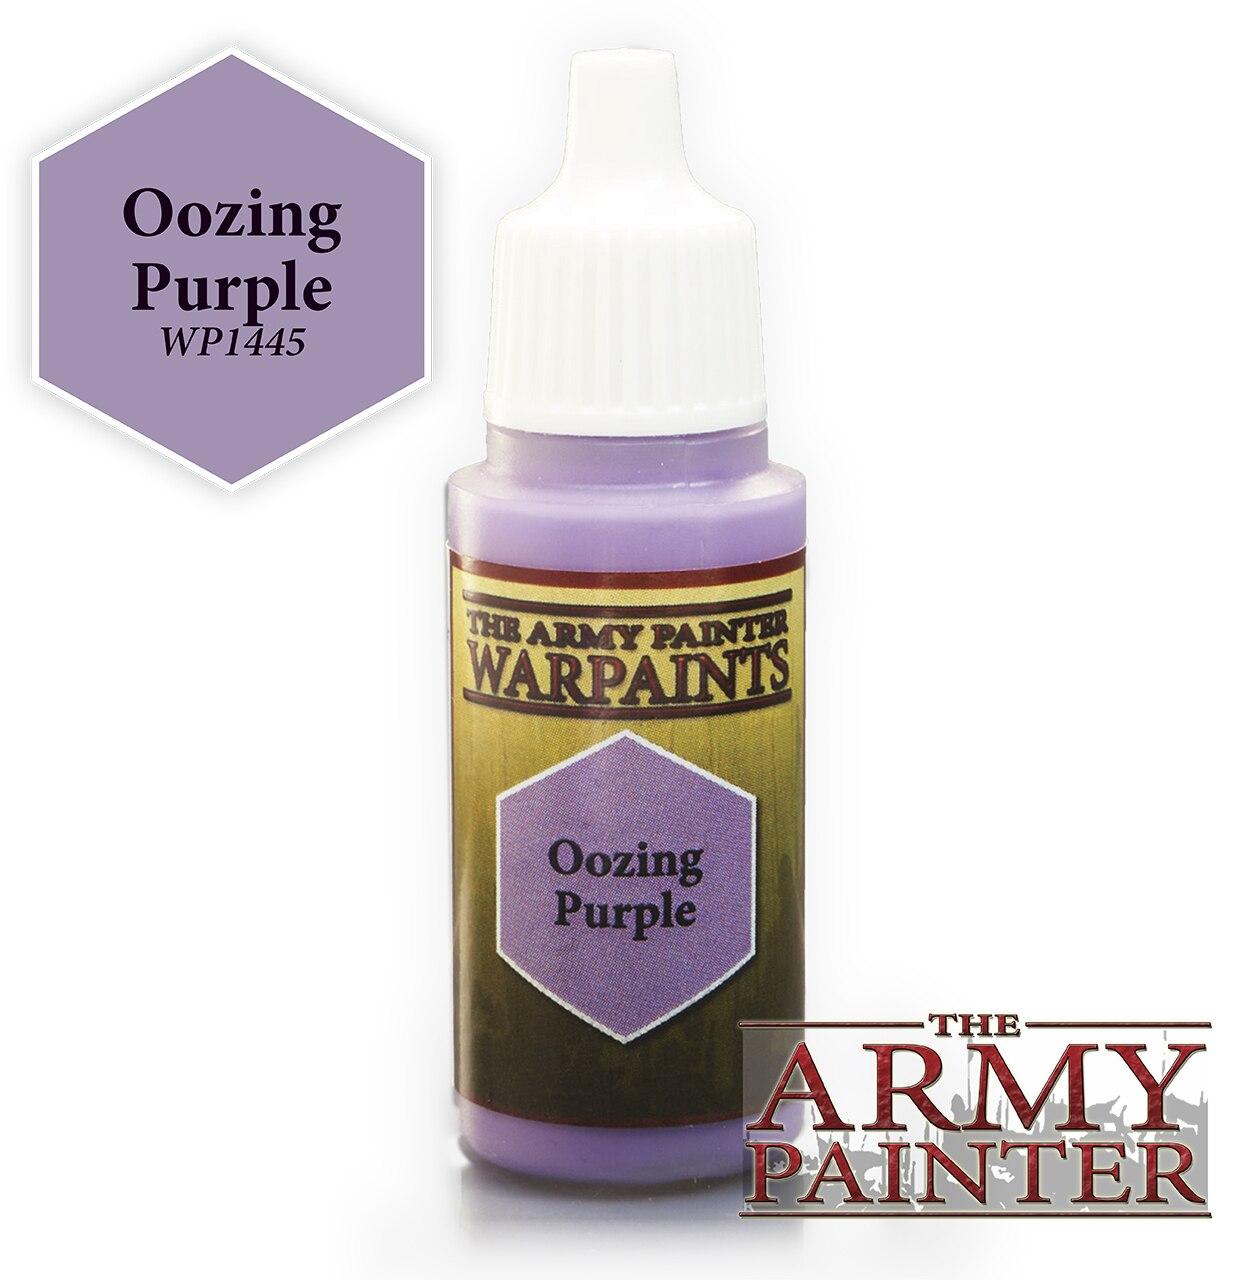 Army Painter Warpaint - Oozing Purple